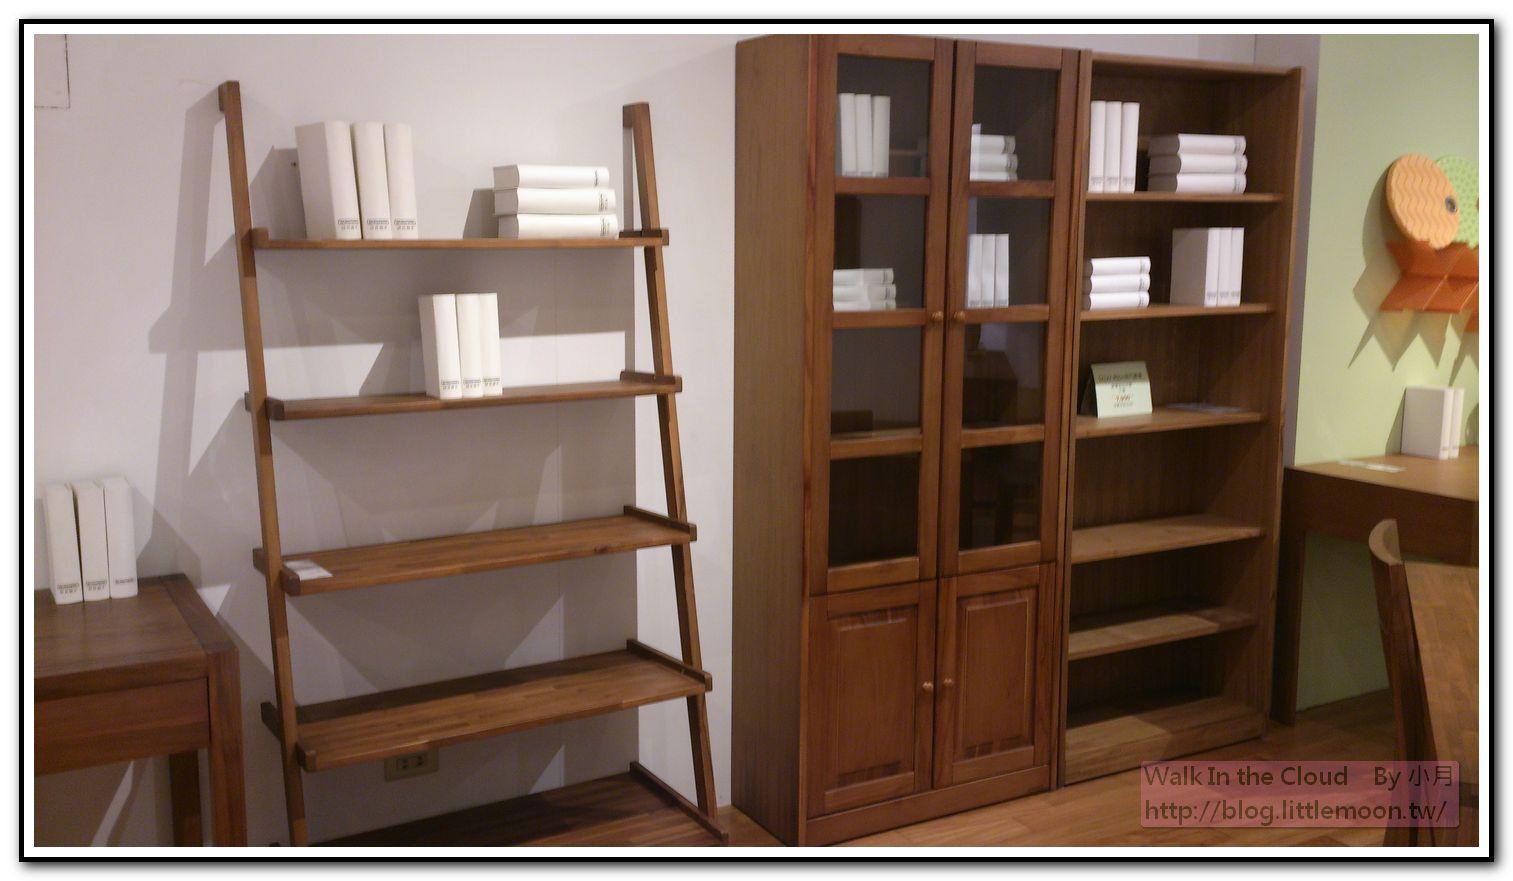 木質書櫃 A型、玻璃門型 (16500元)、無門型